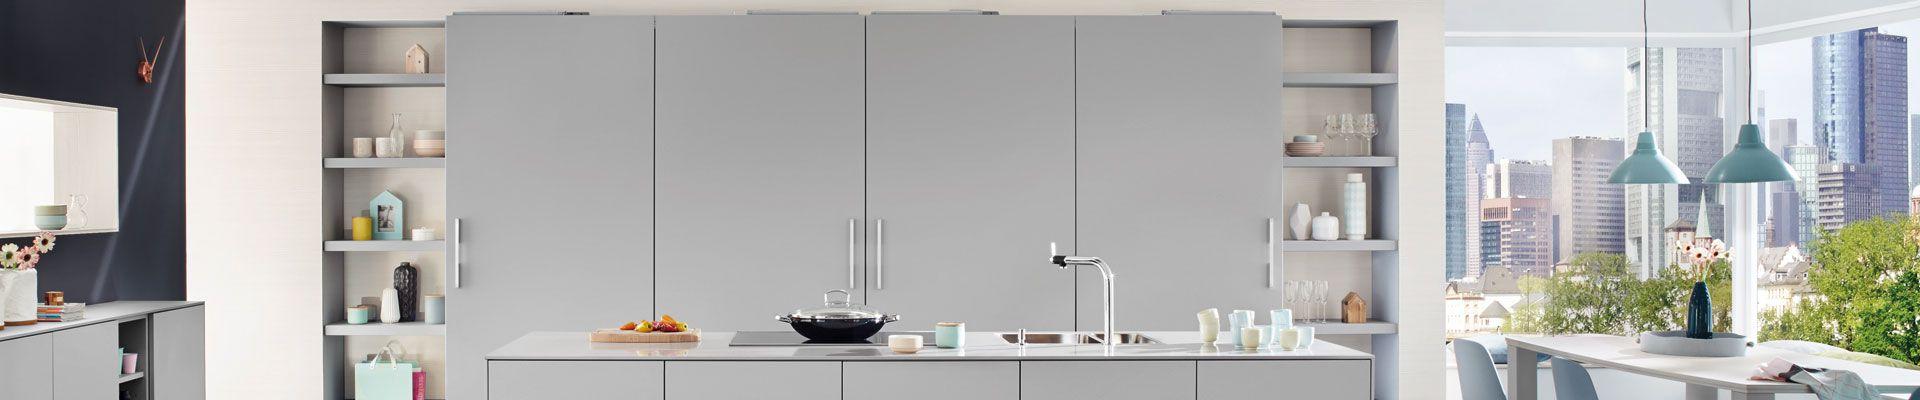 Smart Home - Küche + Herd Wagner Küche kaufen Küchenstudio Heilbronn